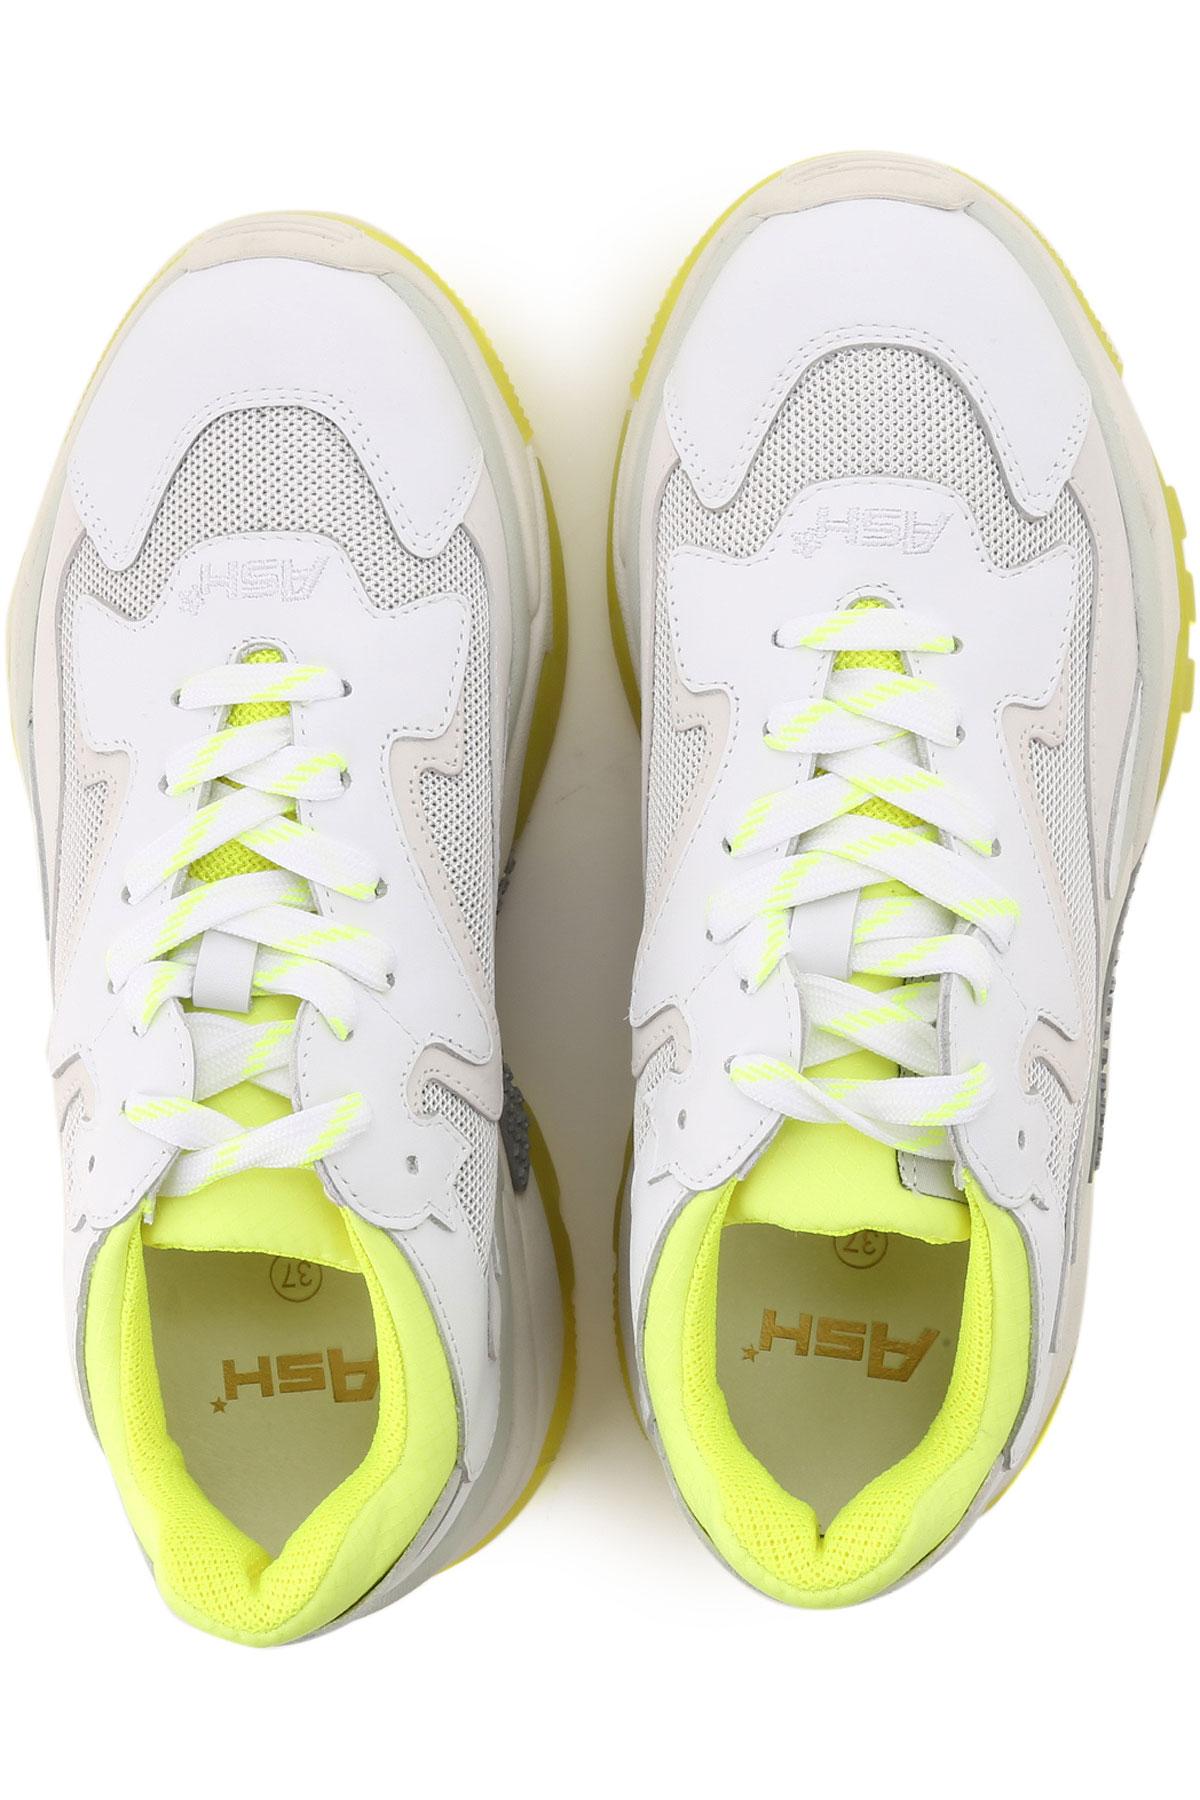 Zapatos Mujer Ash Para Amarillo 2019 verano Fluo Primavera Blanco T6wdZxF